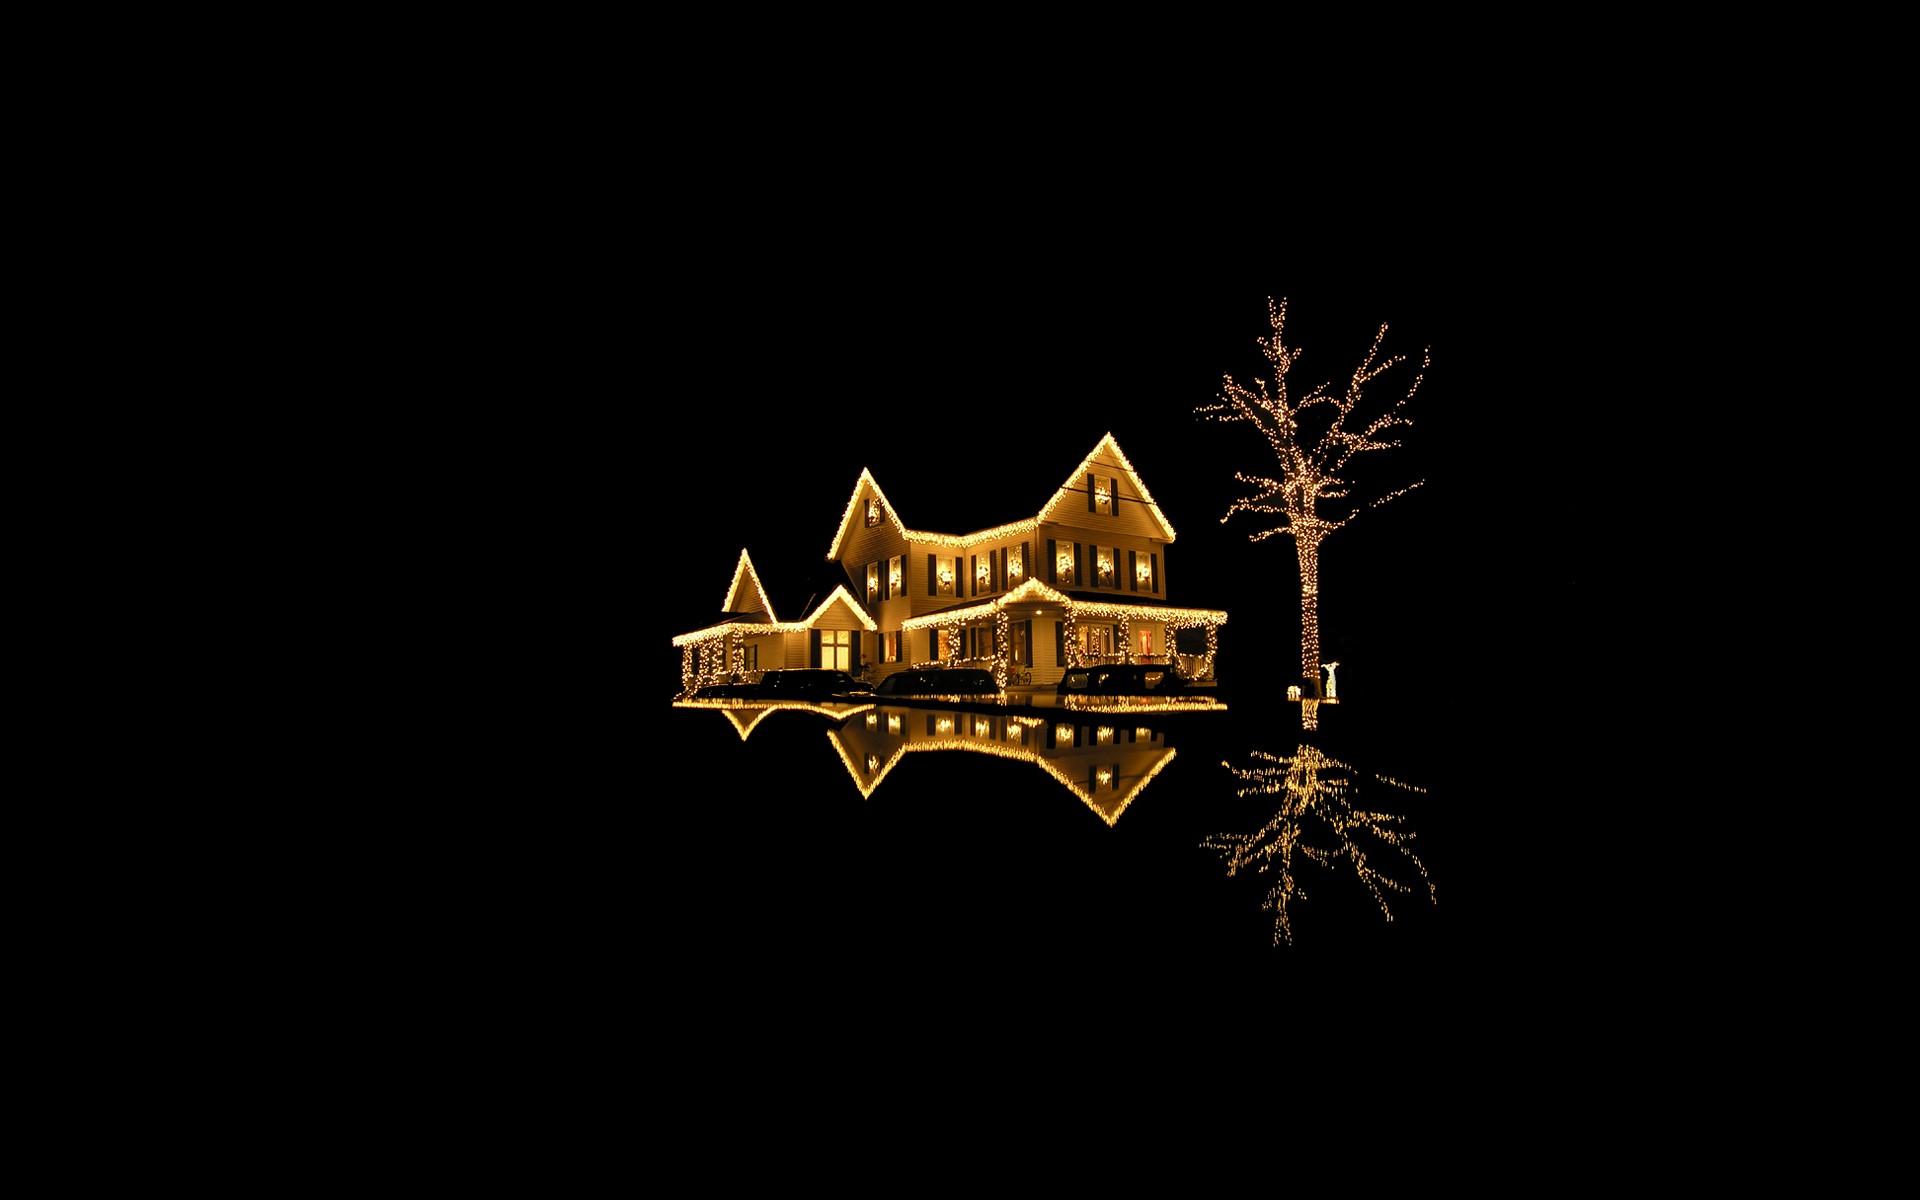 Hintergrundbilder : Beleuchtung, Nacht-, Haus, Weihnachten, Urlaub ...